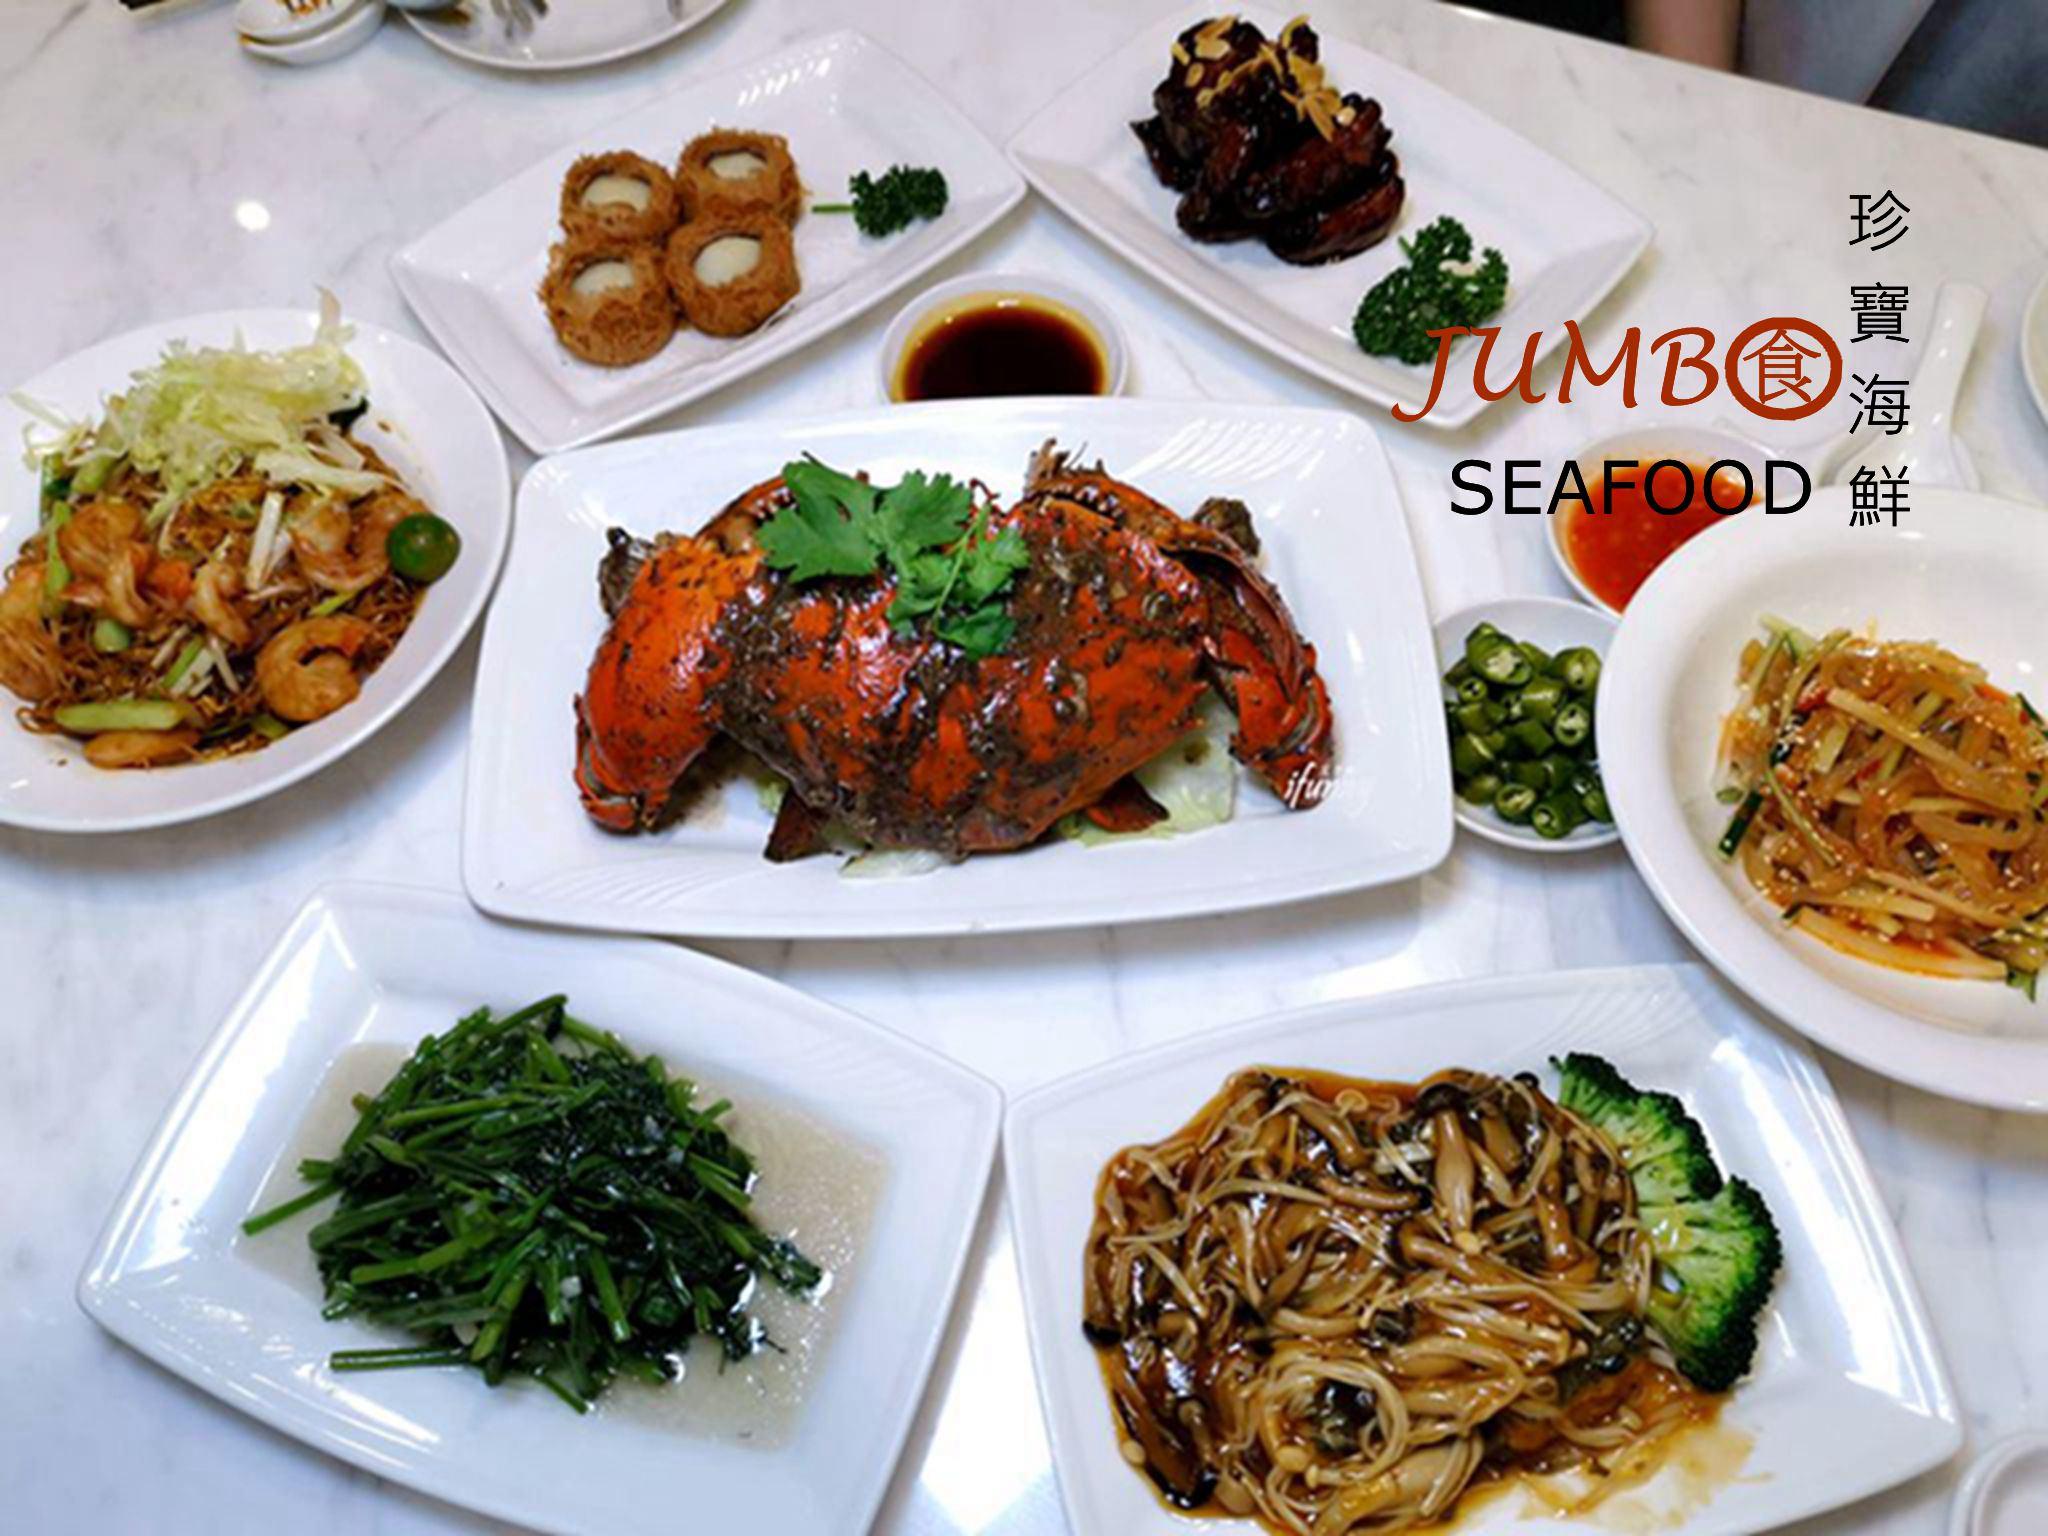 [市政府站]珍寶海鮮~平日樂享鮮蟹套餐990元 輕鬆享有新加坡美食辣椒螃蟹/胡椒螃蟹